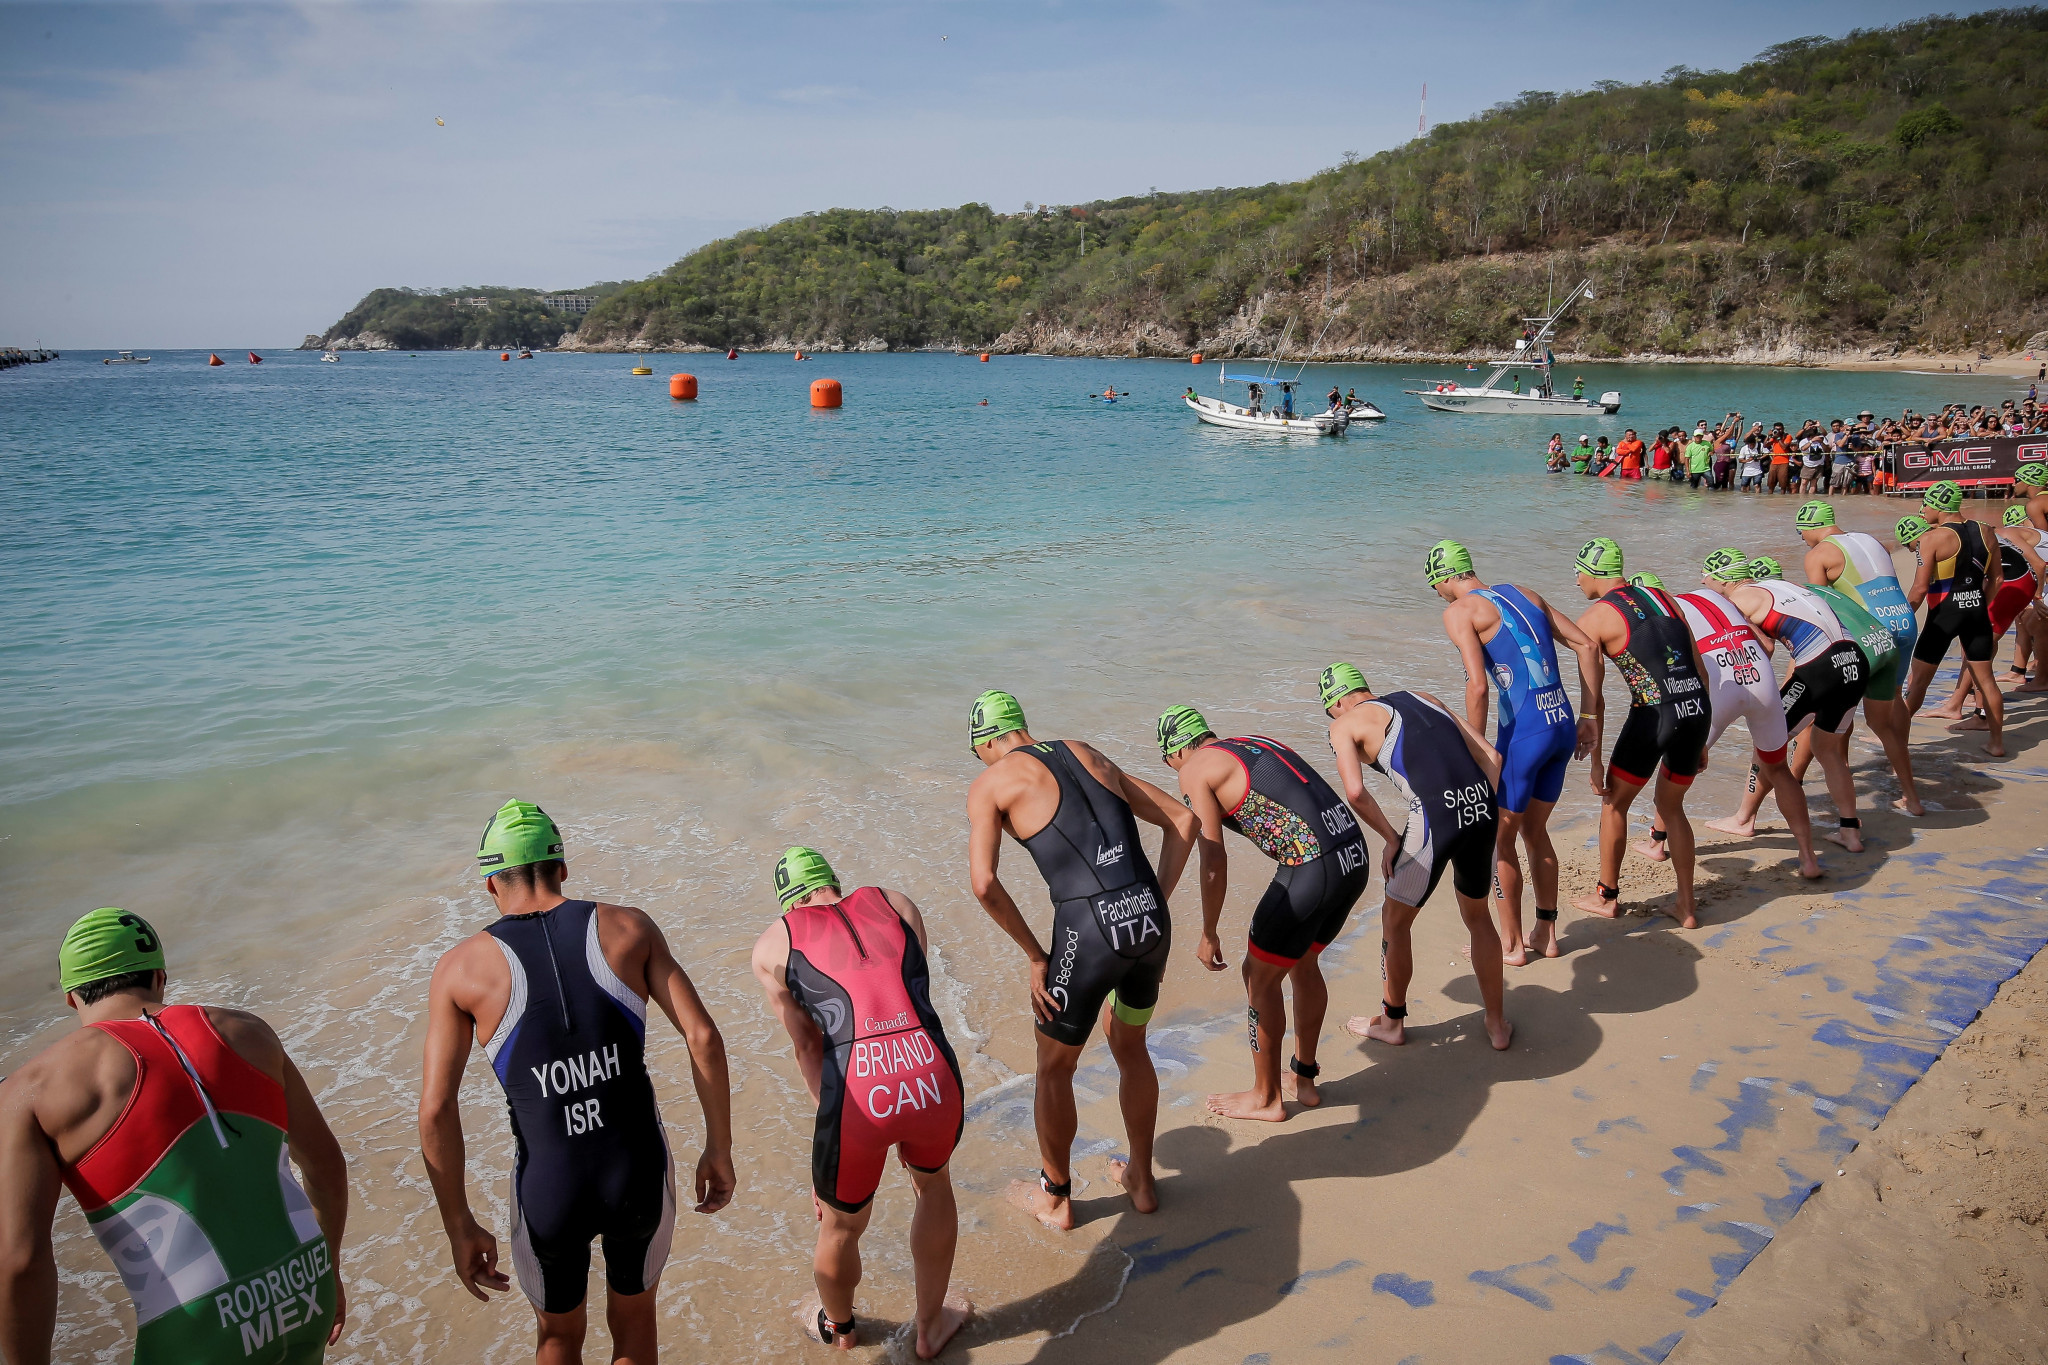 The ITU Triathlon World Cup event in Huatulco begins with a 750 metre swim in the Pacific Open ©ITU